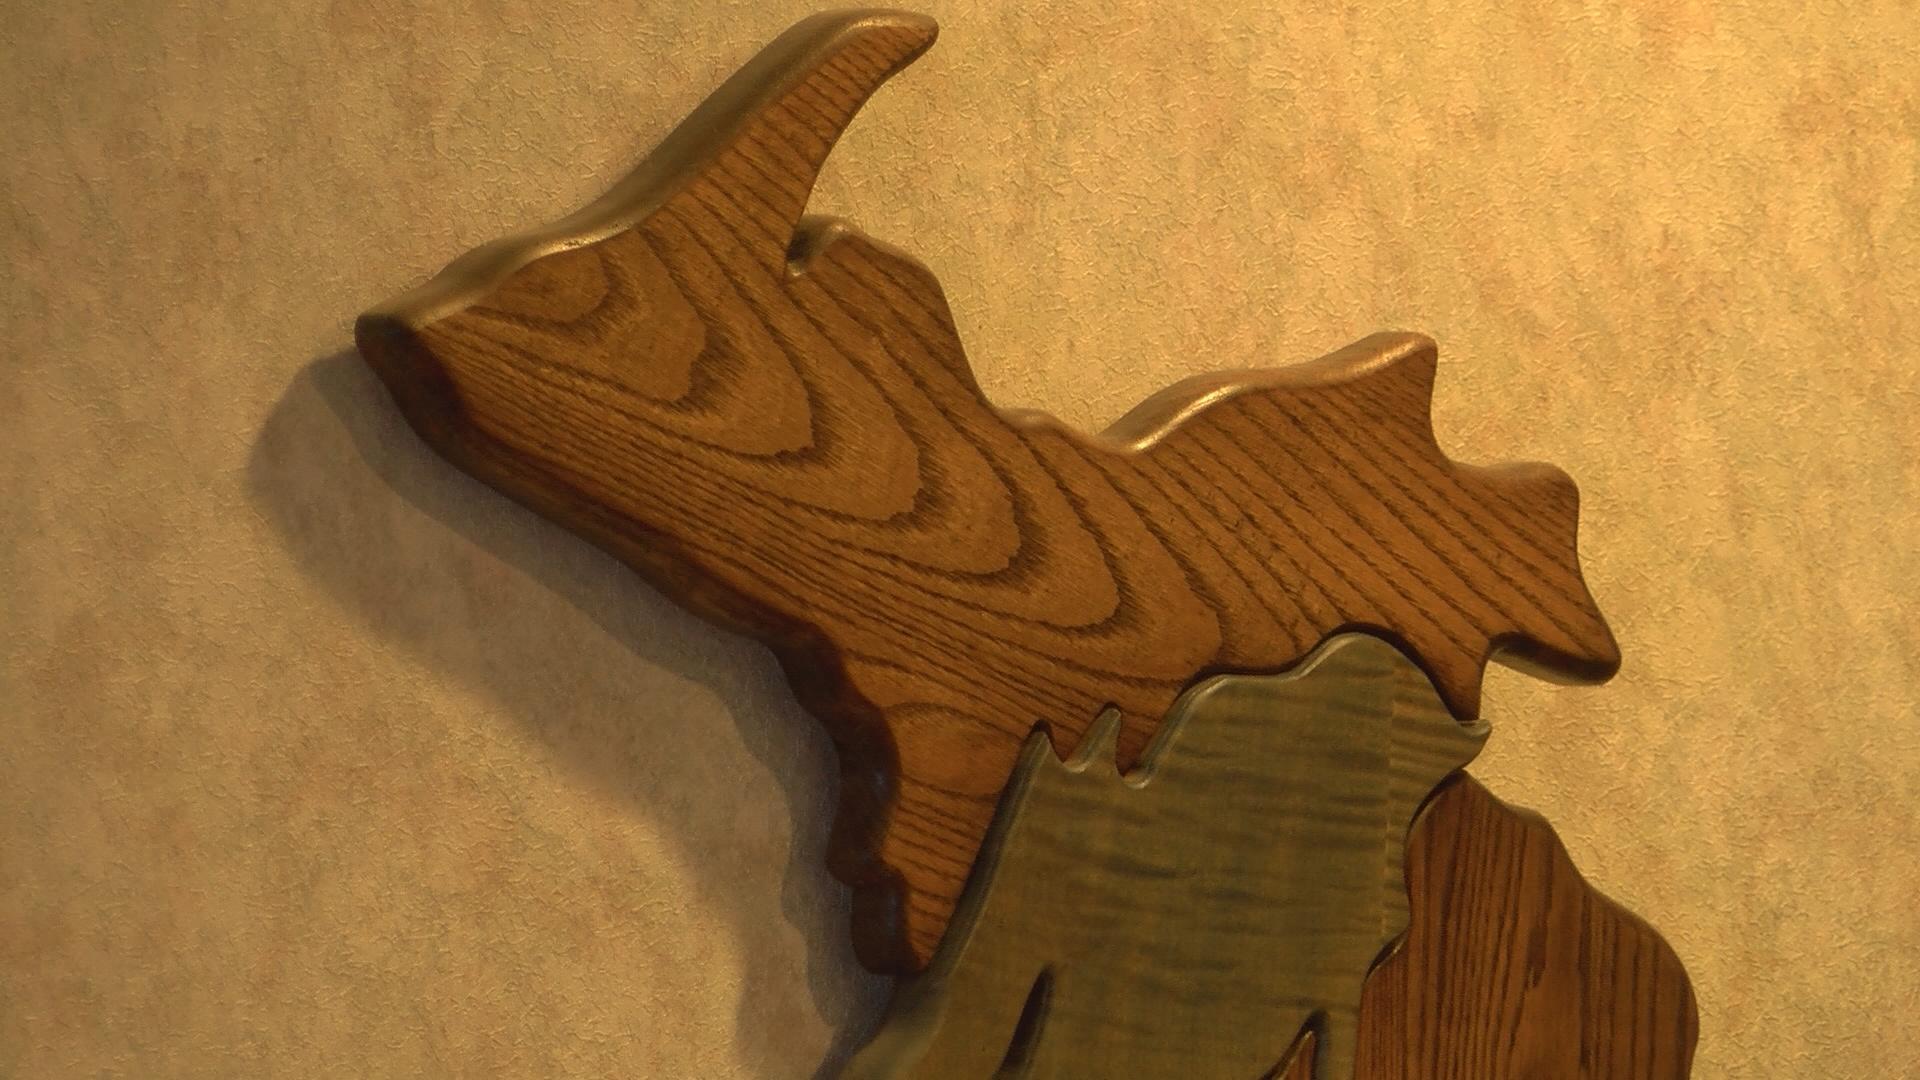 U.P. wood shape_1508357708545.jpg